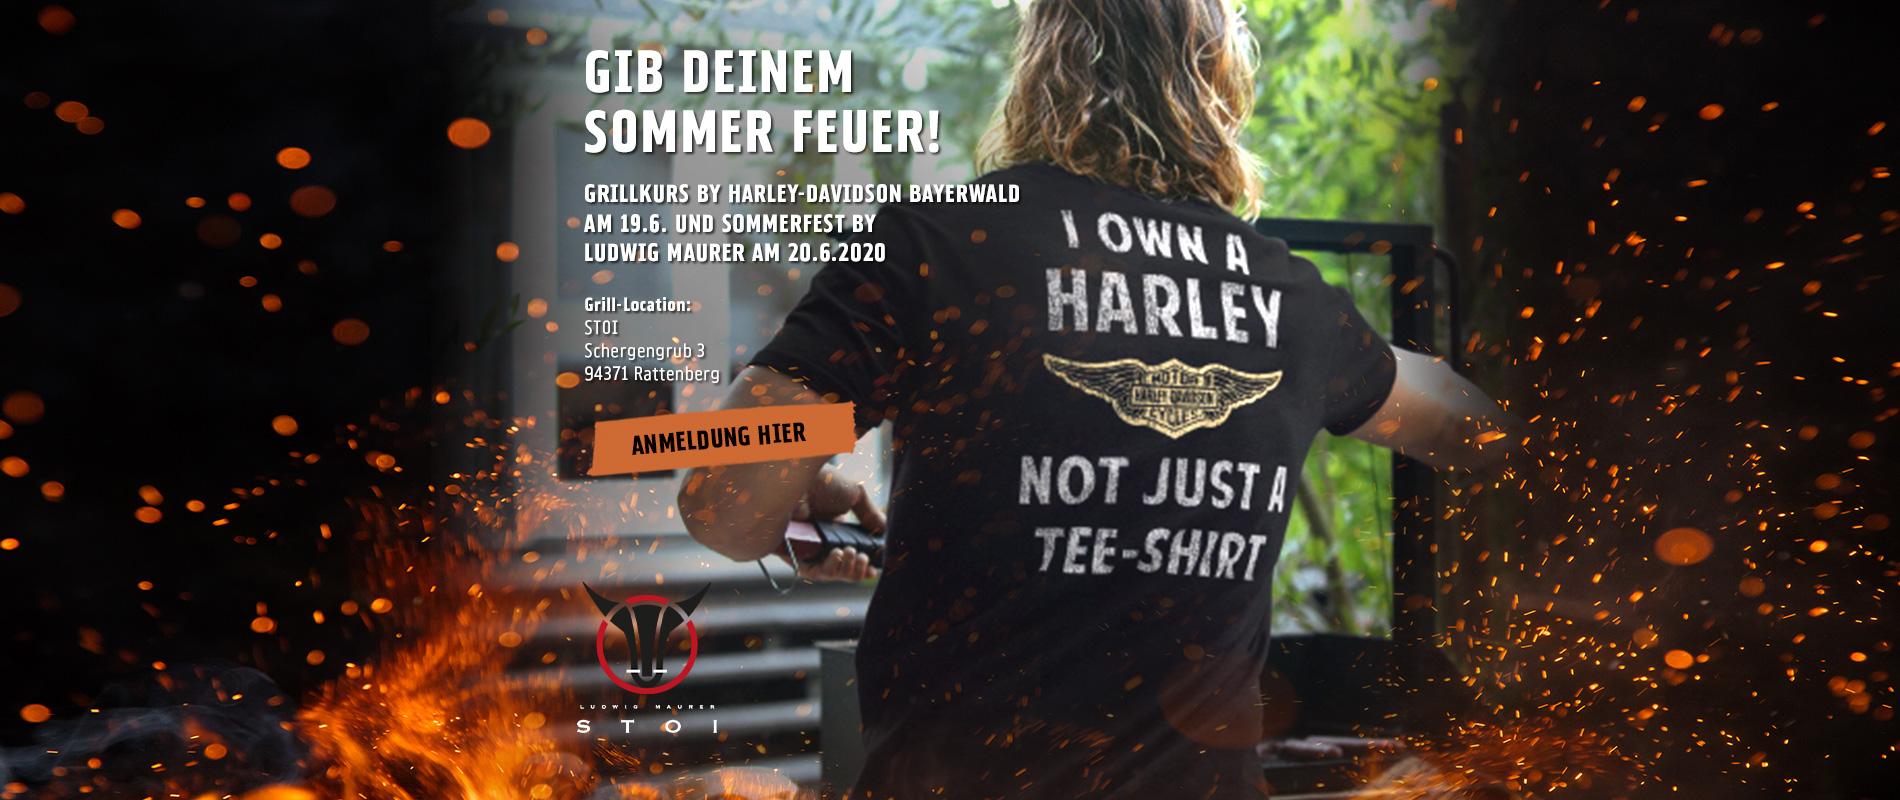 HD_RegSchwarz_Billboards_Grillen_2019_Bayerwald_V02